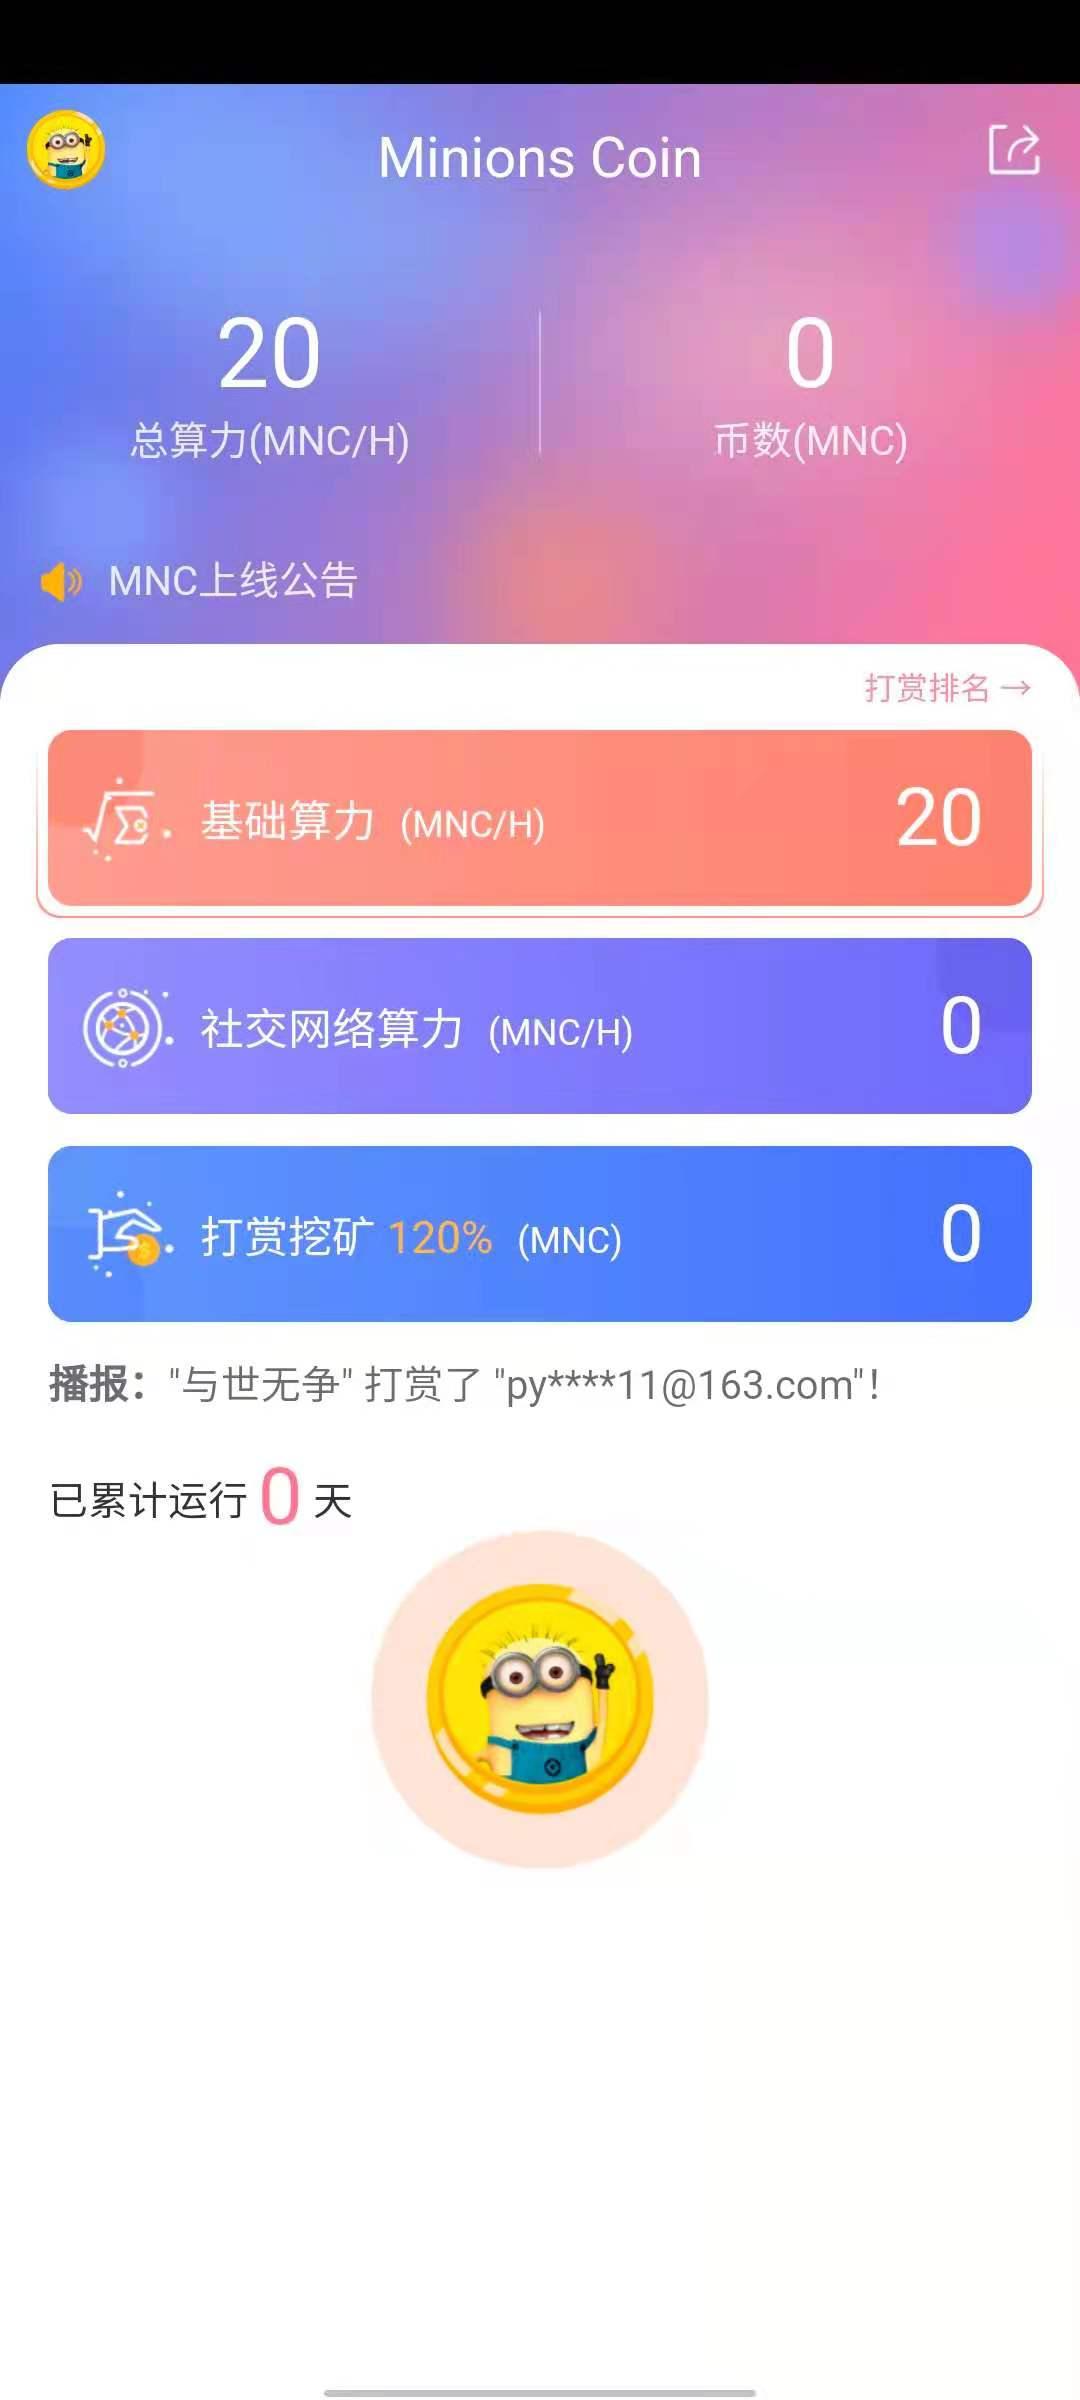 小黄人MNC对标狗狗币全球首个人工智能打赏币免费挖以上mdx交易所